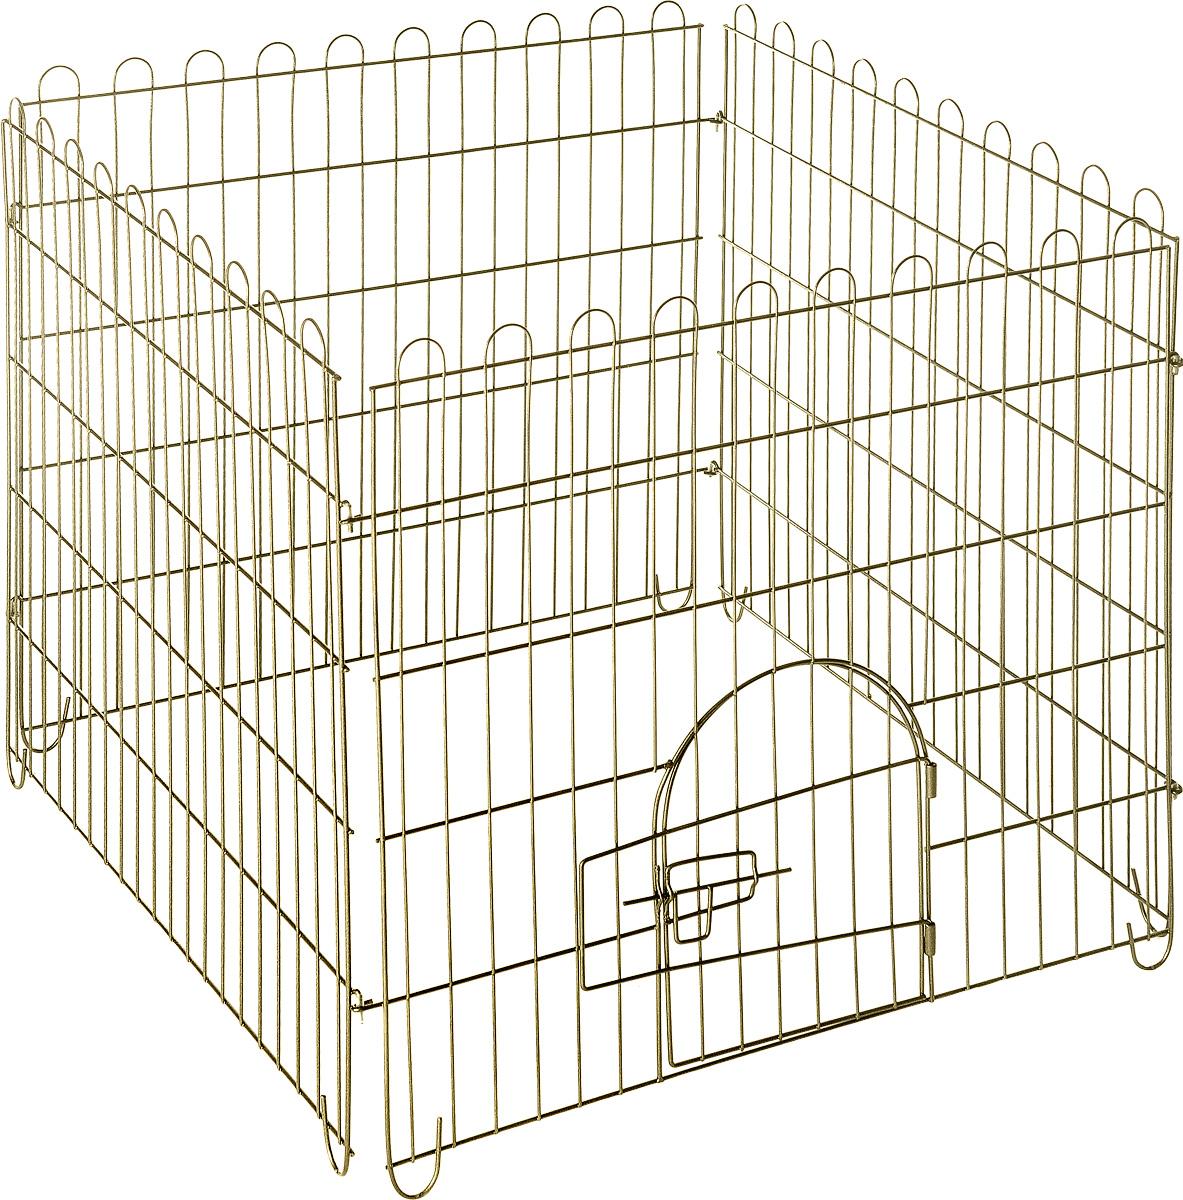 Вольер для животных ЗооМарк, разборный, 4 секции, 75 х 75 х 74 см1642DDВольер для животных ЗооМарк, выполненный из металла, состоит из 4 секций, одна из которых снабжена металлической дверцей с запором-задвижкой. Чтобы собрать вольер, нужно вставить штыри, расположенные с боковых сторон секций, в кольца, имеющиеся по бокам. Из панелей можно собрать ограждение для вашего питомца любой формы, используя для этого необходимое количество секций. Секции могут состыковаться друг с другом под любым углом. Вольер предназначен для собак, а также других животных. Подходит для отдыха на природе и ограничения передвижения по участку. В сложенном виде занимает очень мало места, удобен для транспортировки. Размер вольера: 75 х 75 х 74 см.Размер секции: 75 х 74 см. Расстояние между прутьями: 3,7 см.